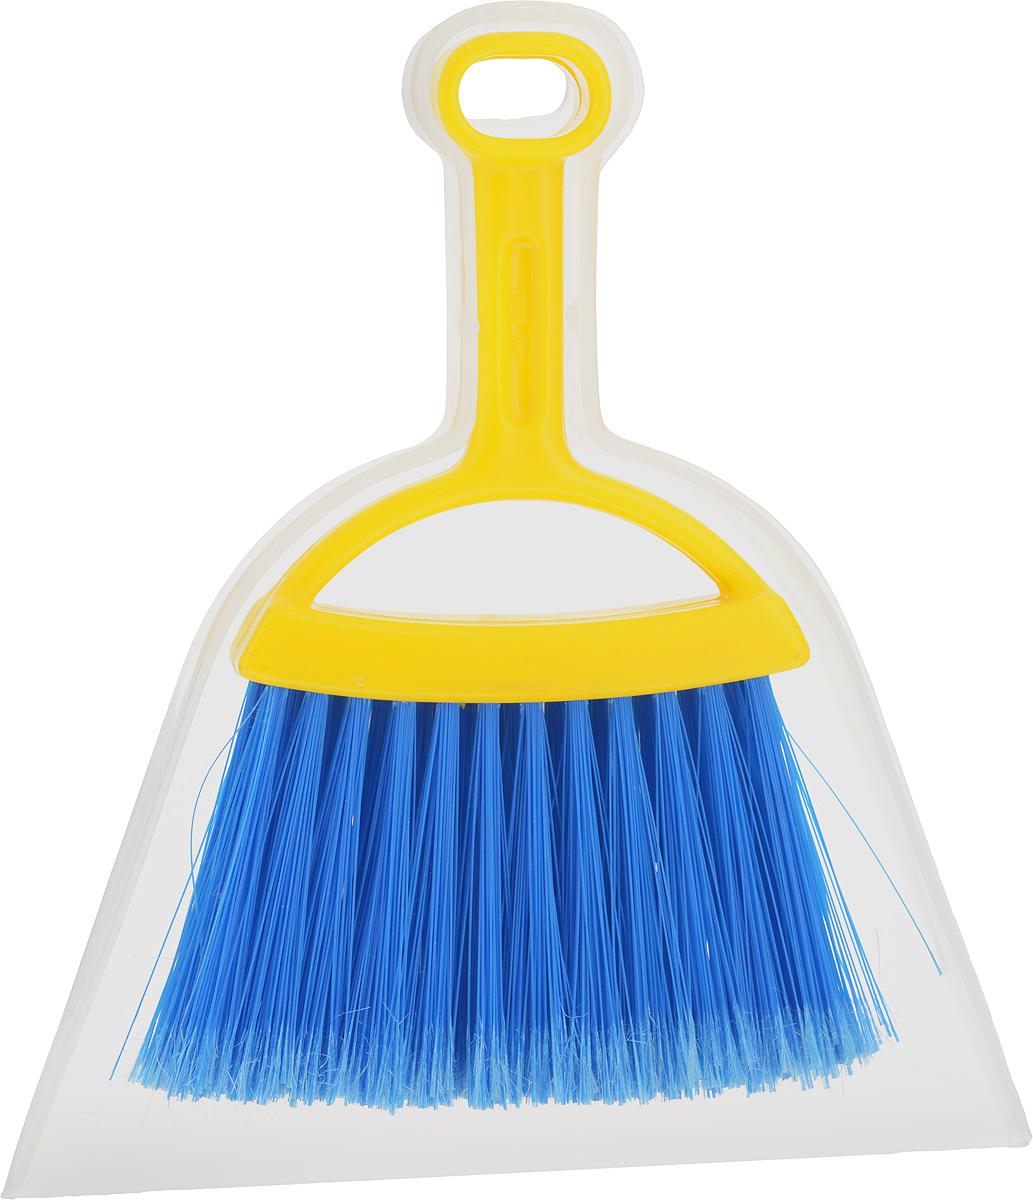 Набор для уборки Fratelli RE Mini, цвет: прозрачный, желтый, 2 предмета11701-A_прозрачный, желтыйНабор для уборки Fratelli RE Mini включает в себя совок и щетку-сметку, выполненные из прочного пластика и сложных полимеров. Эластичный ворс на щетке не оставит от грязи и следа, мусор будет легко сметаться на него. Для дополнительного удобства совок и щетка-сметка снабжены специальным креплением, с помощью которого, вложив щетку в совок, их можно разместить в любом месте. Размер совка: 21 х 19 х 2,5 см. Длина ручки совка: 8 см. Размер щетки: 19 х 14 х 2 см. Длина ручки щетки: 11 см.Длина ворса: 7,5 см.